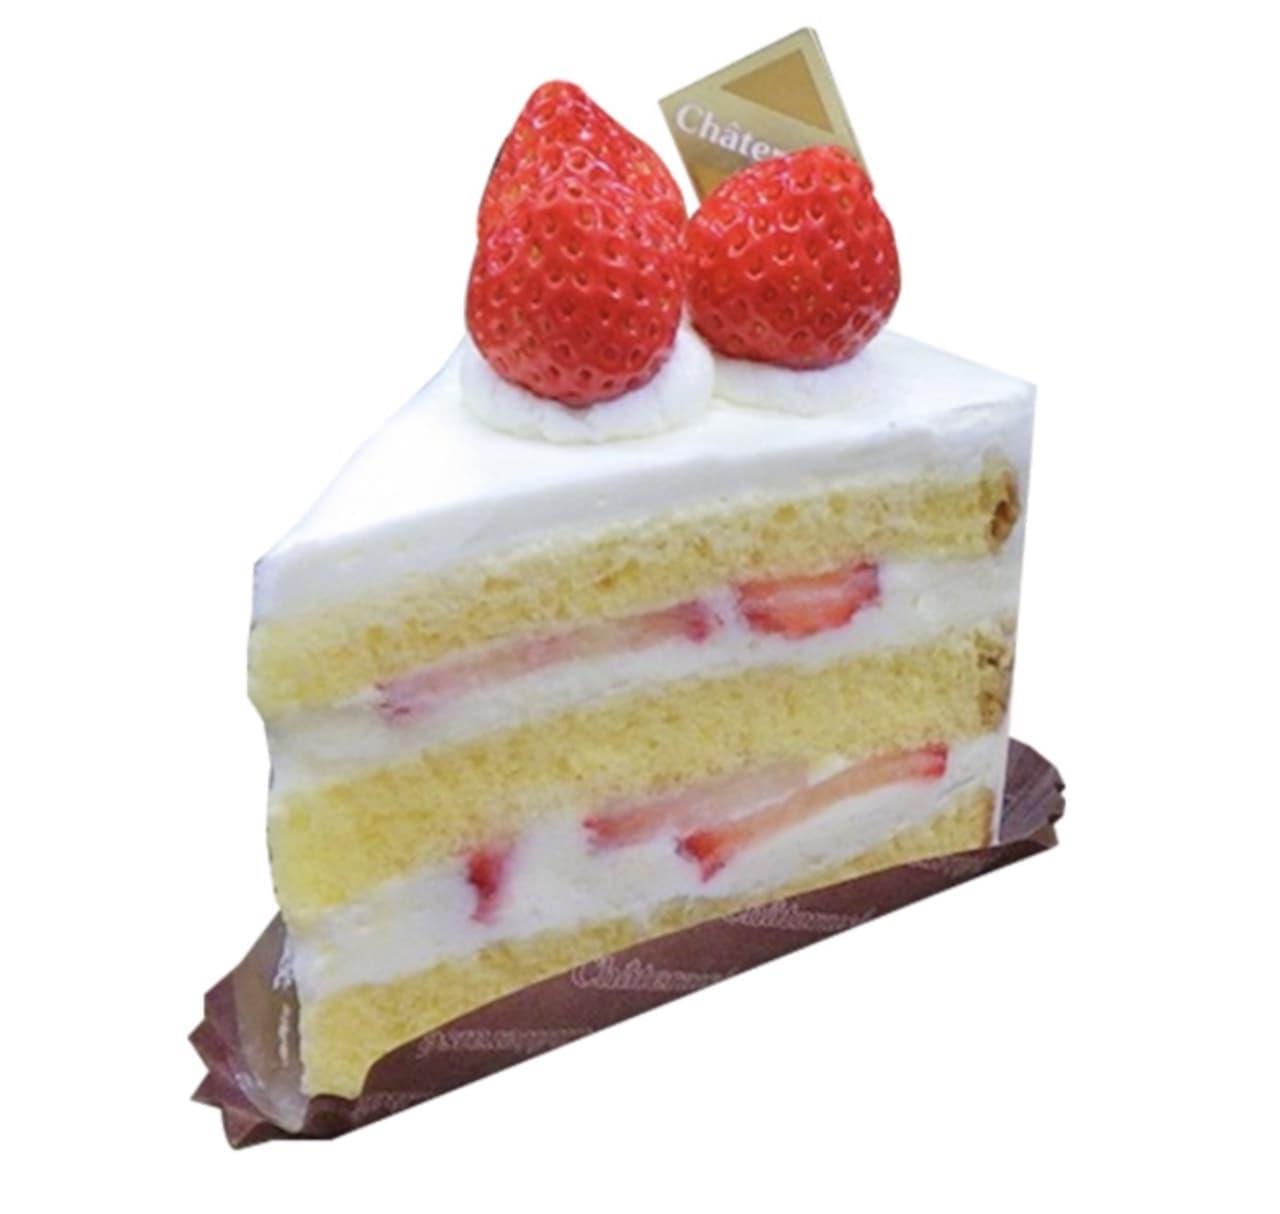 シャトレーゼ「夏苺のプレミアム純生クリームショートケーキ」